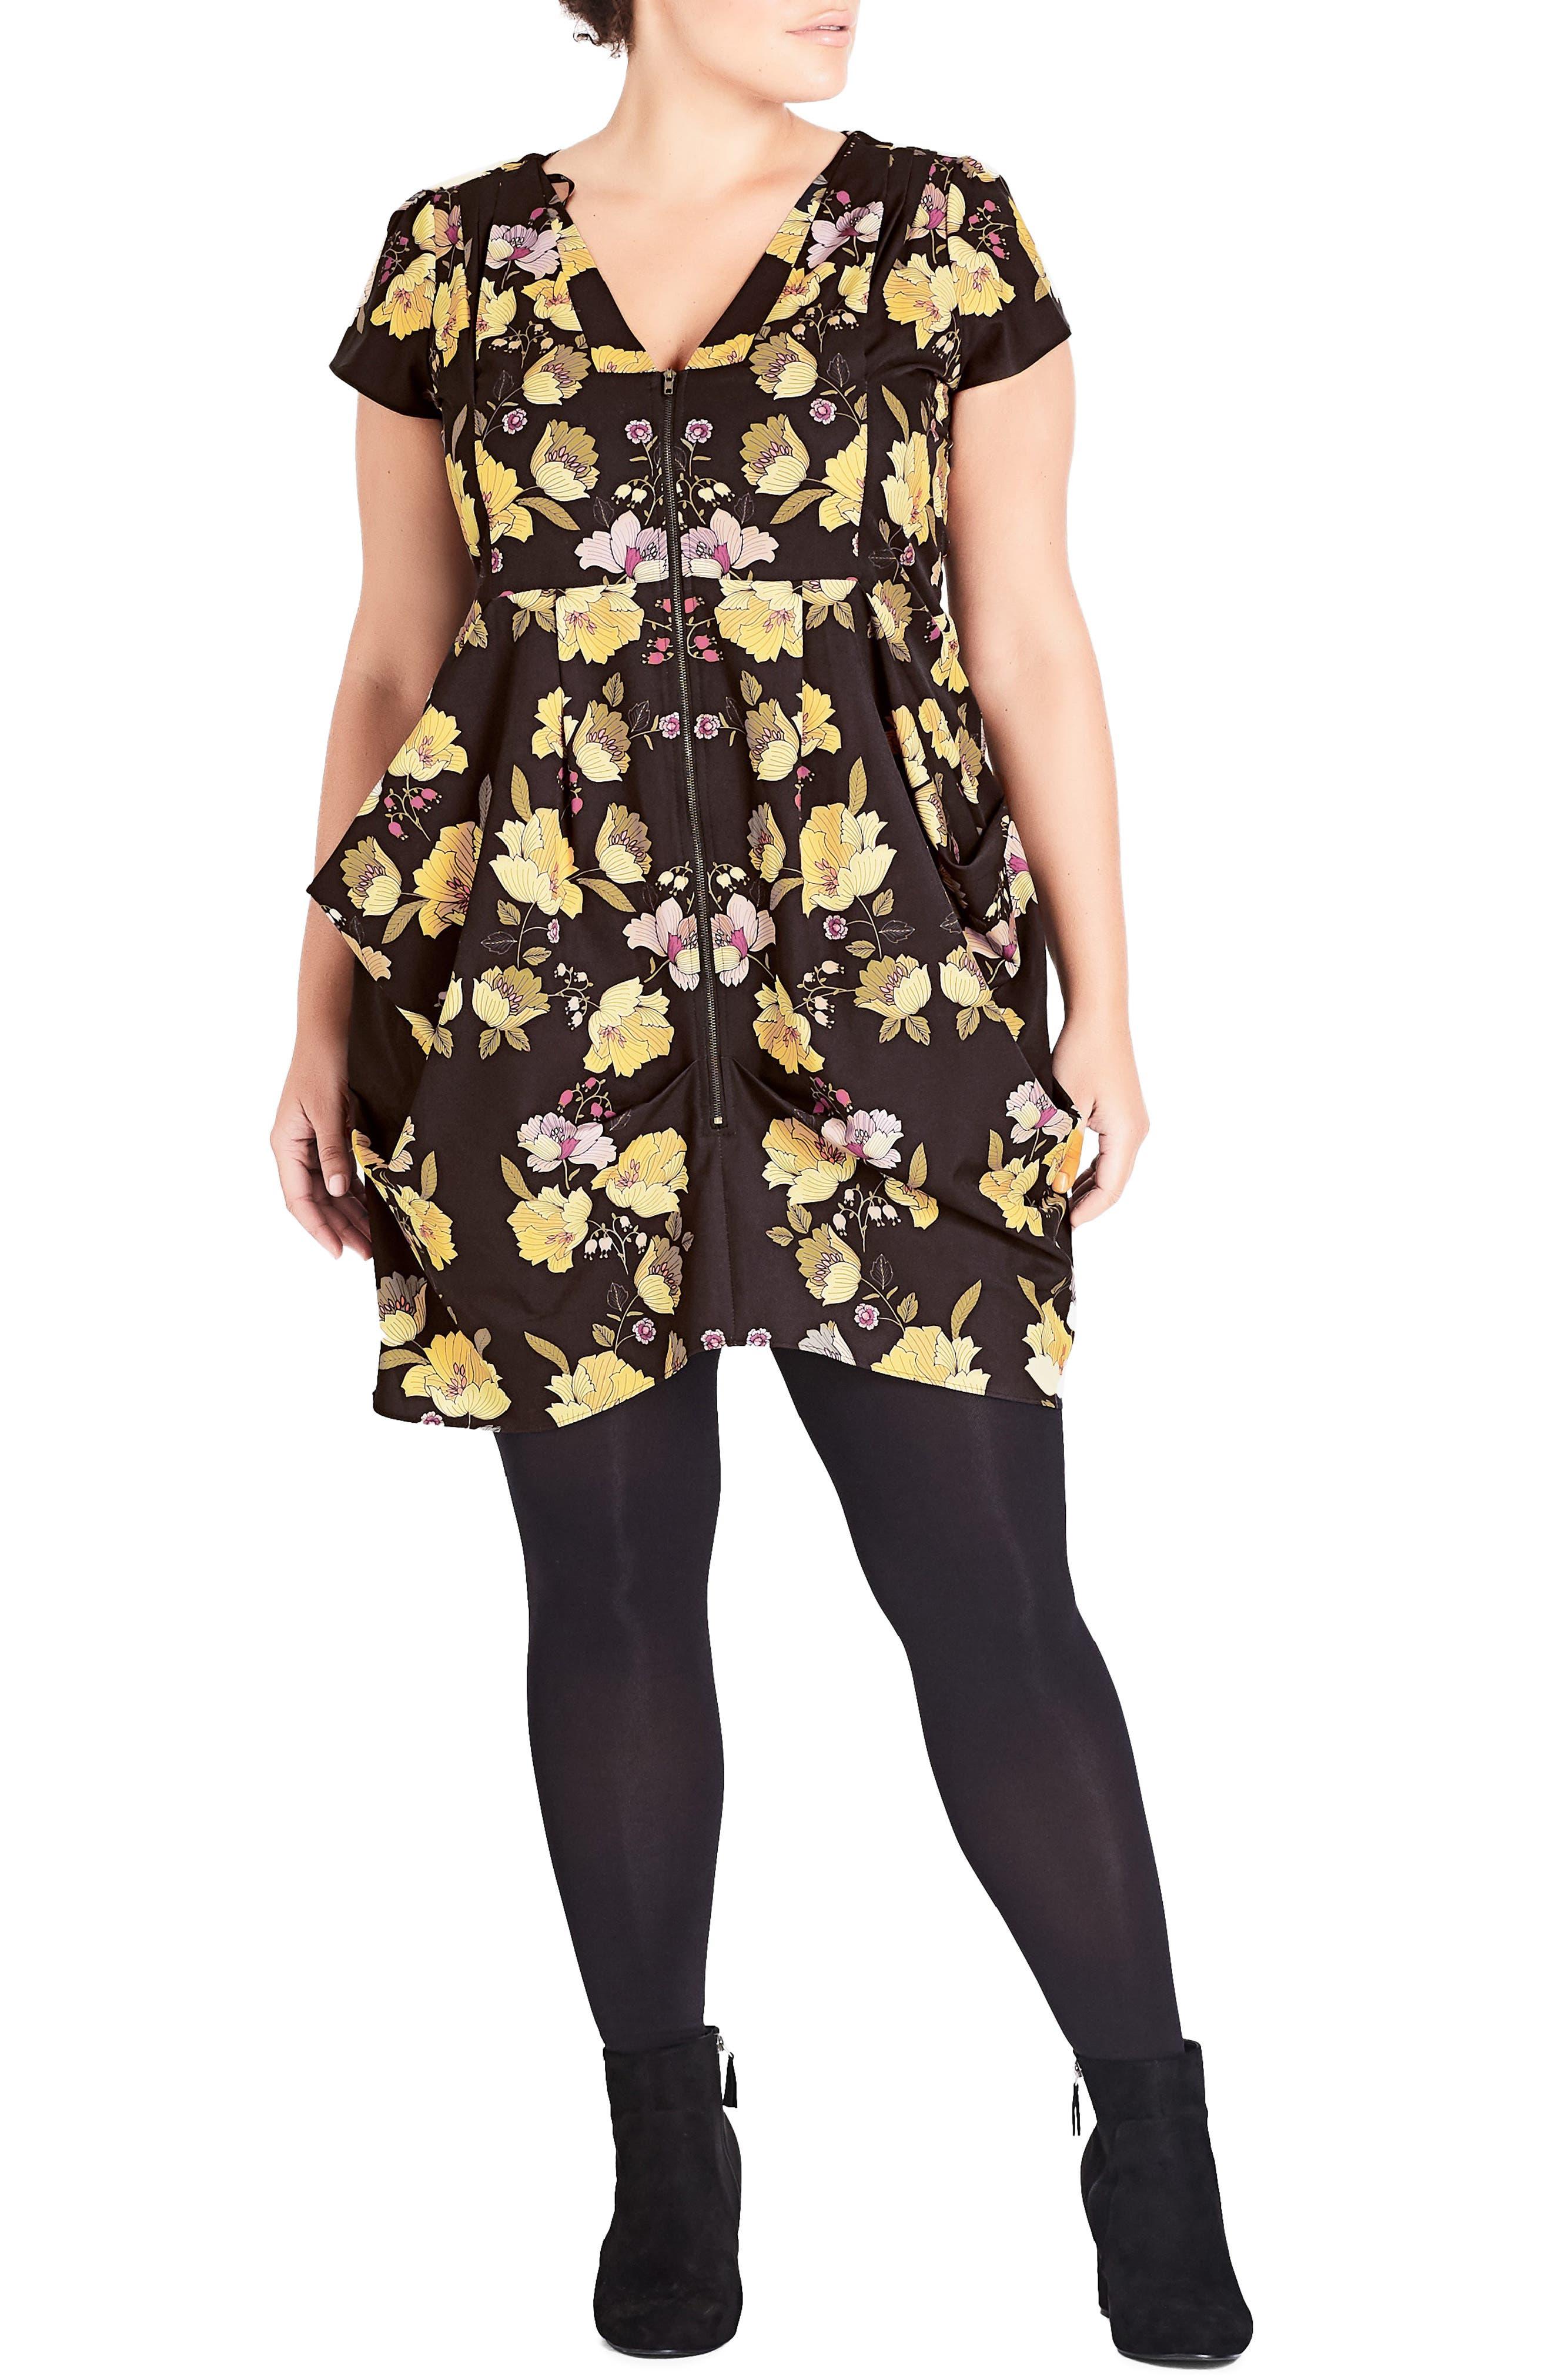 Plus Size City Chic Nouveau Mirror Tunic Dress, Black